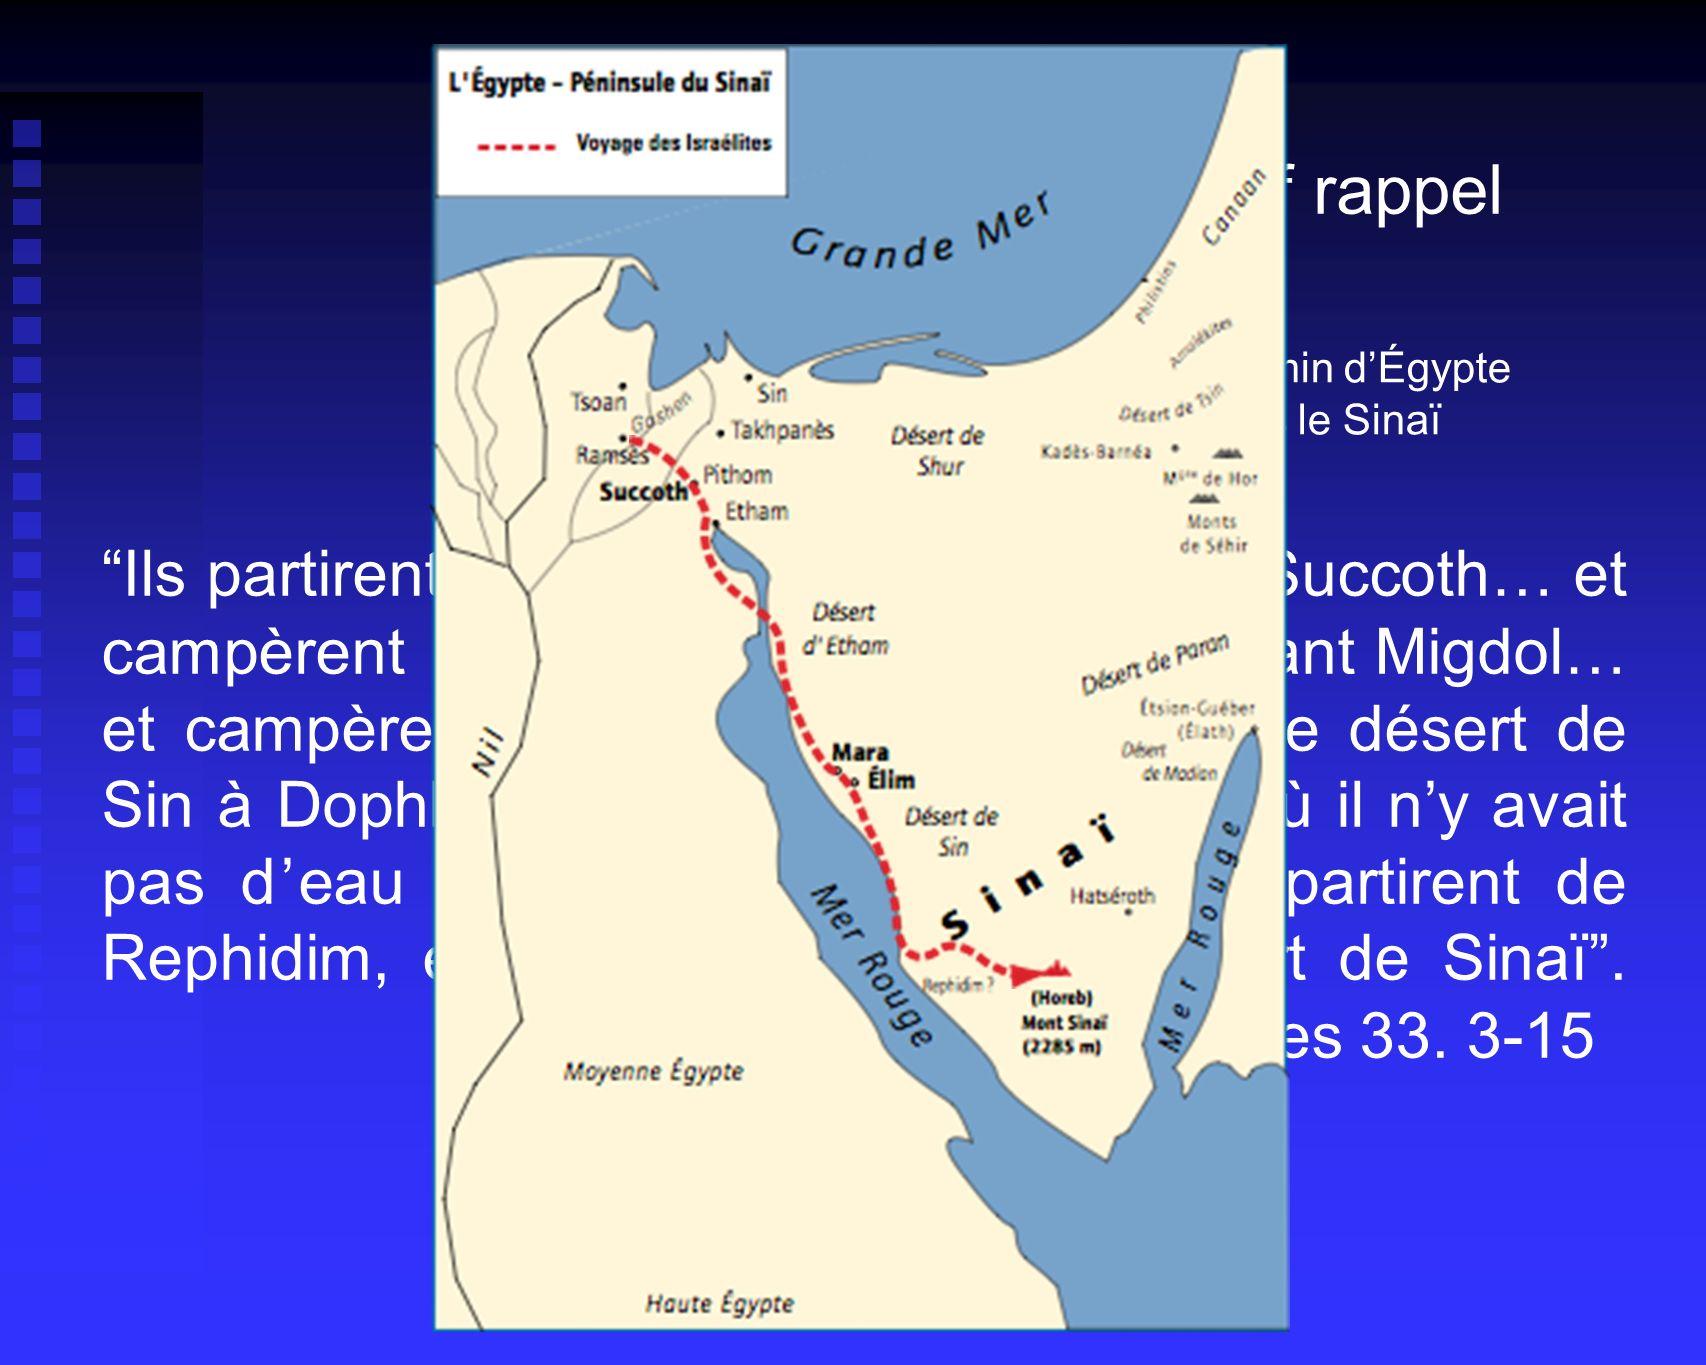 Ils partirent de Ramsès et campèrent à Succoth… et campèrent à Étham… et campèrent devant Migdol… et campèrent à Mara… à Élim… dans le désert de Sin à